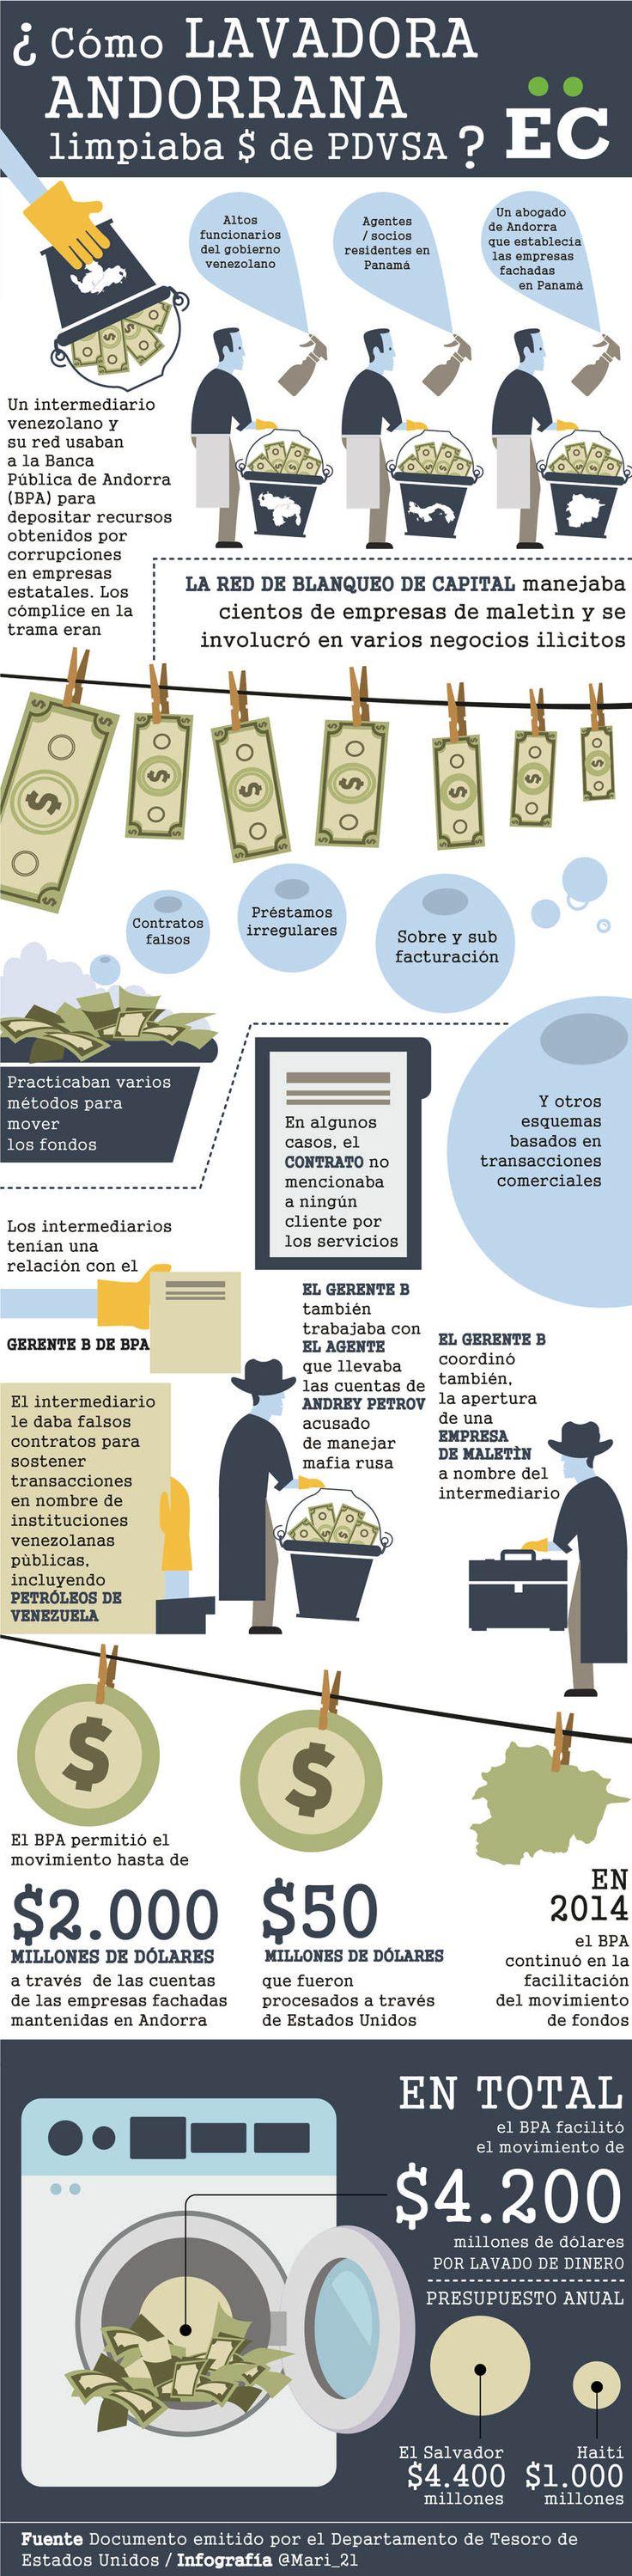 Banco de Andorra Lavado de Dinero PDVSA